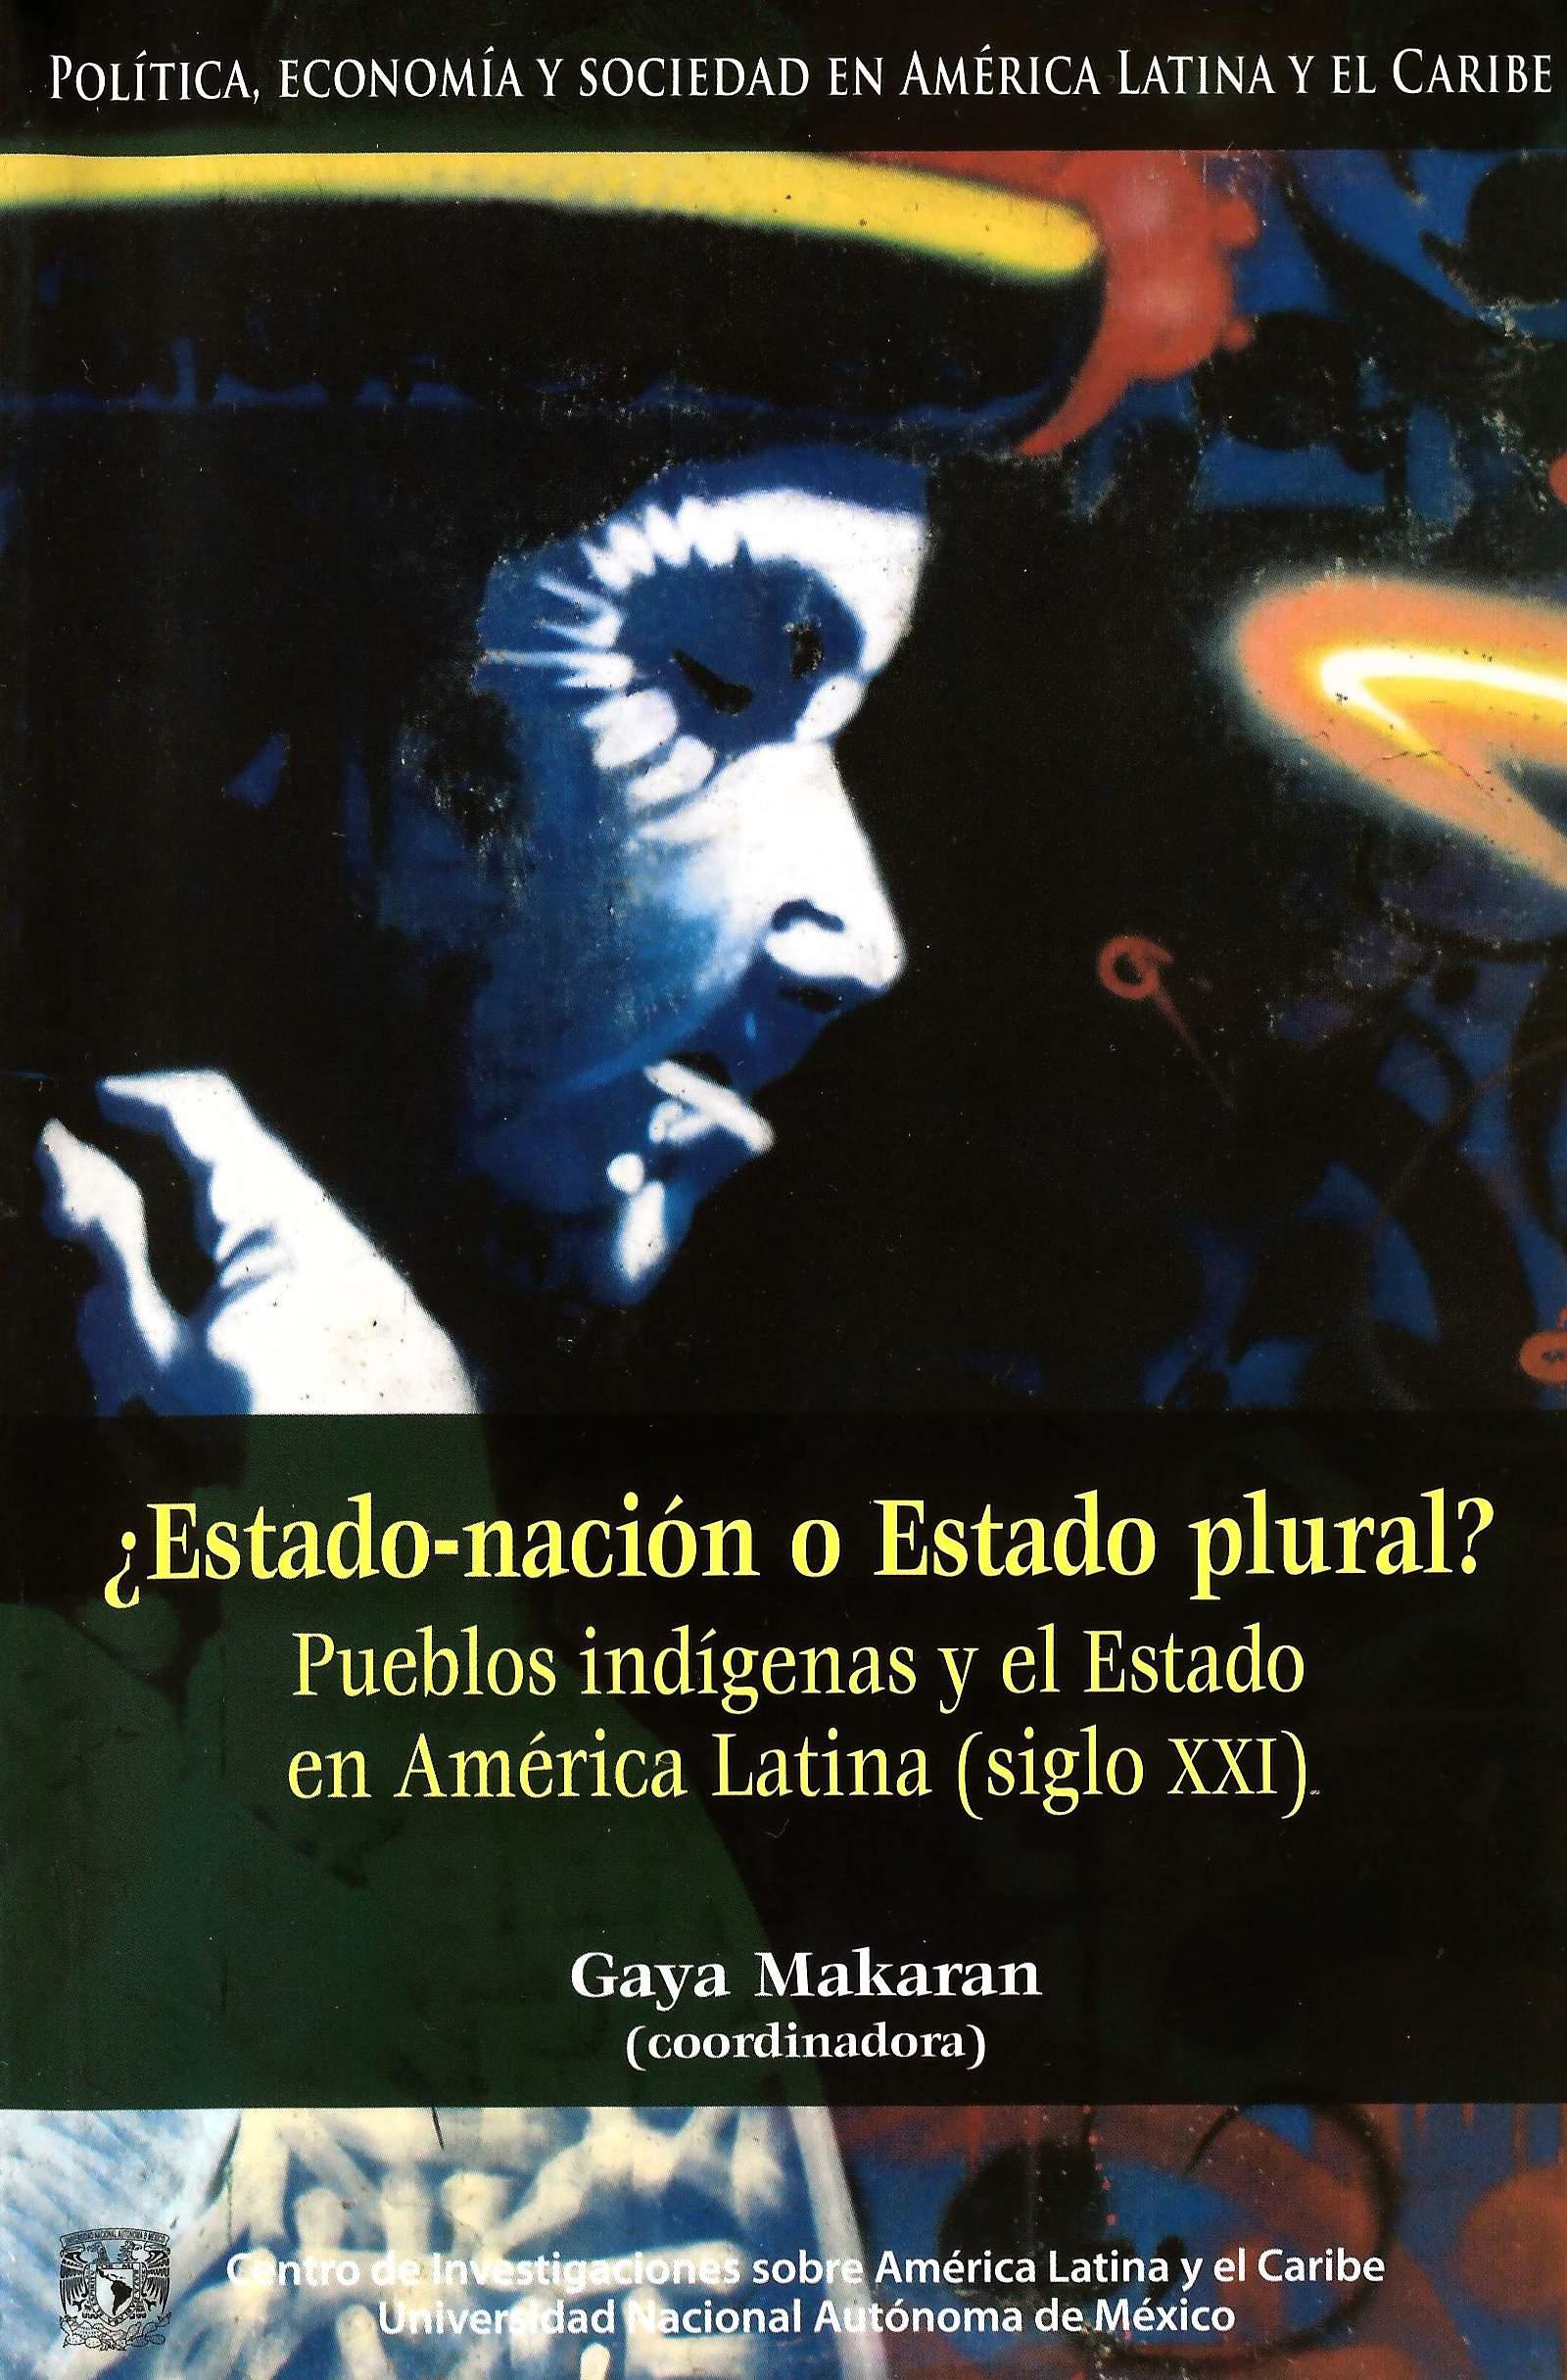 ¿Estado-nación o Estado plural? Pueblos indígenas y el Estado en América Latina (siglo XXI)